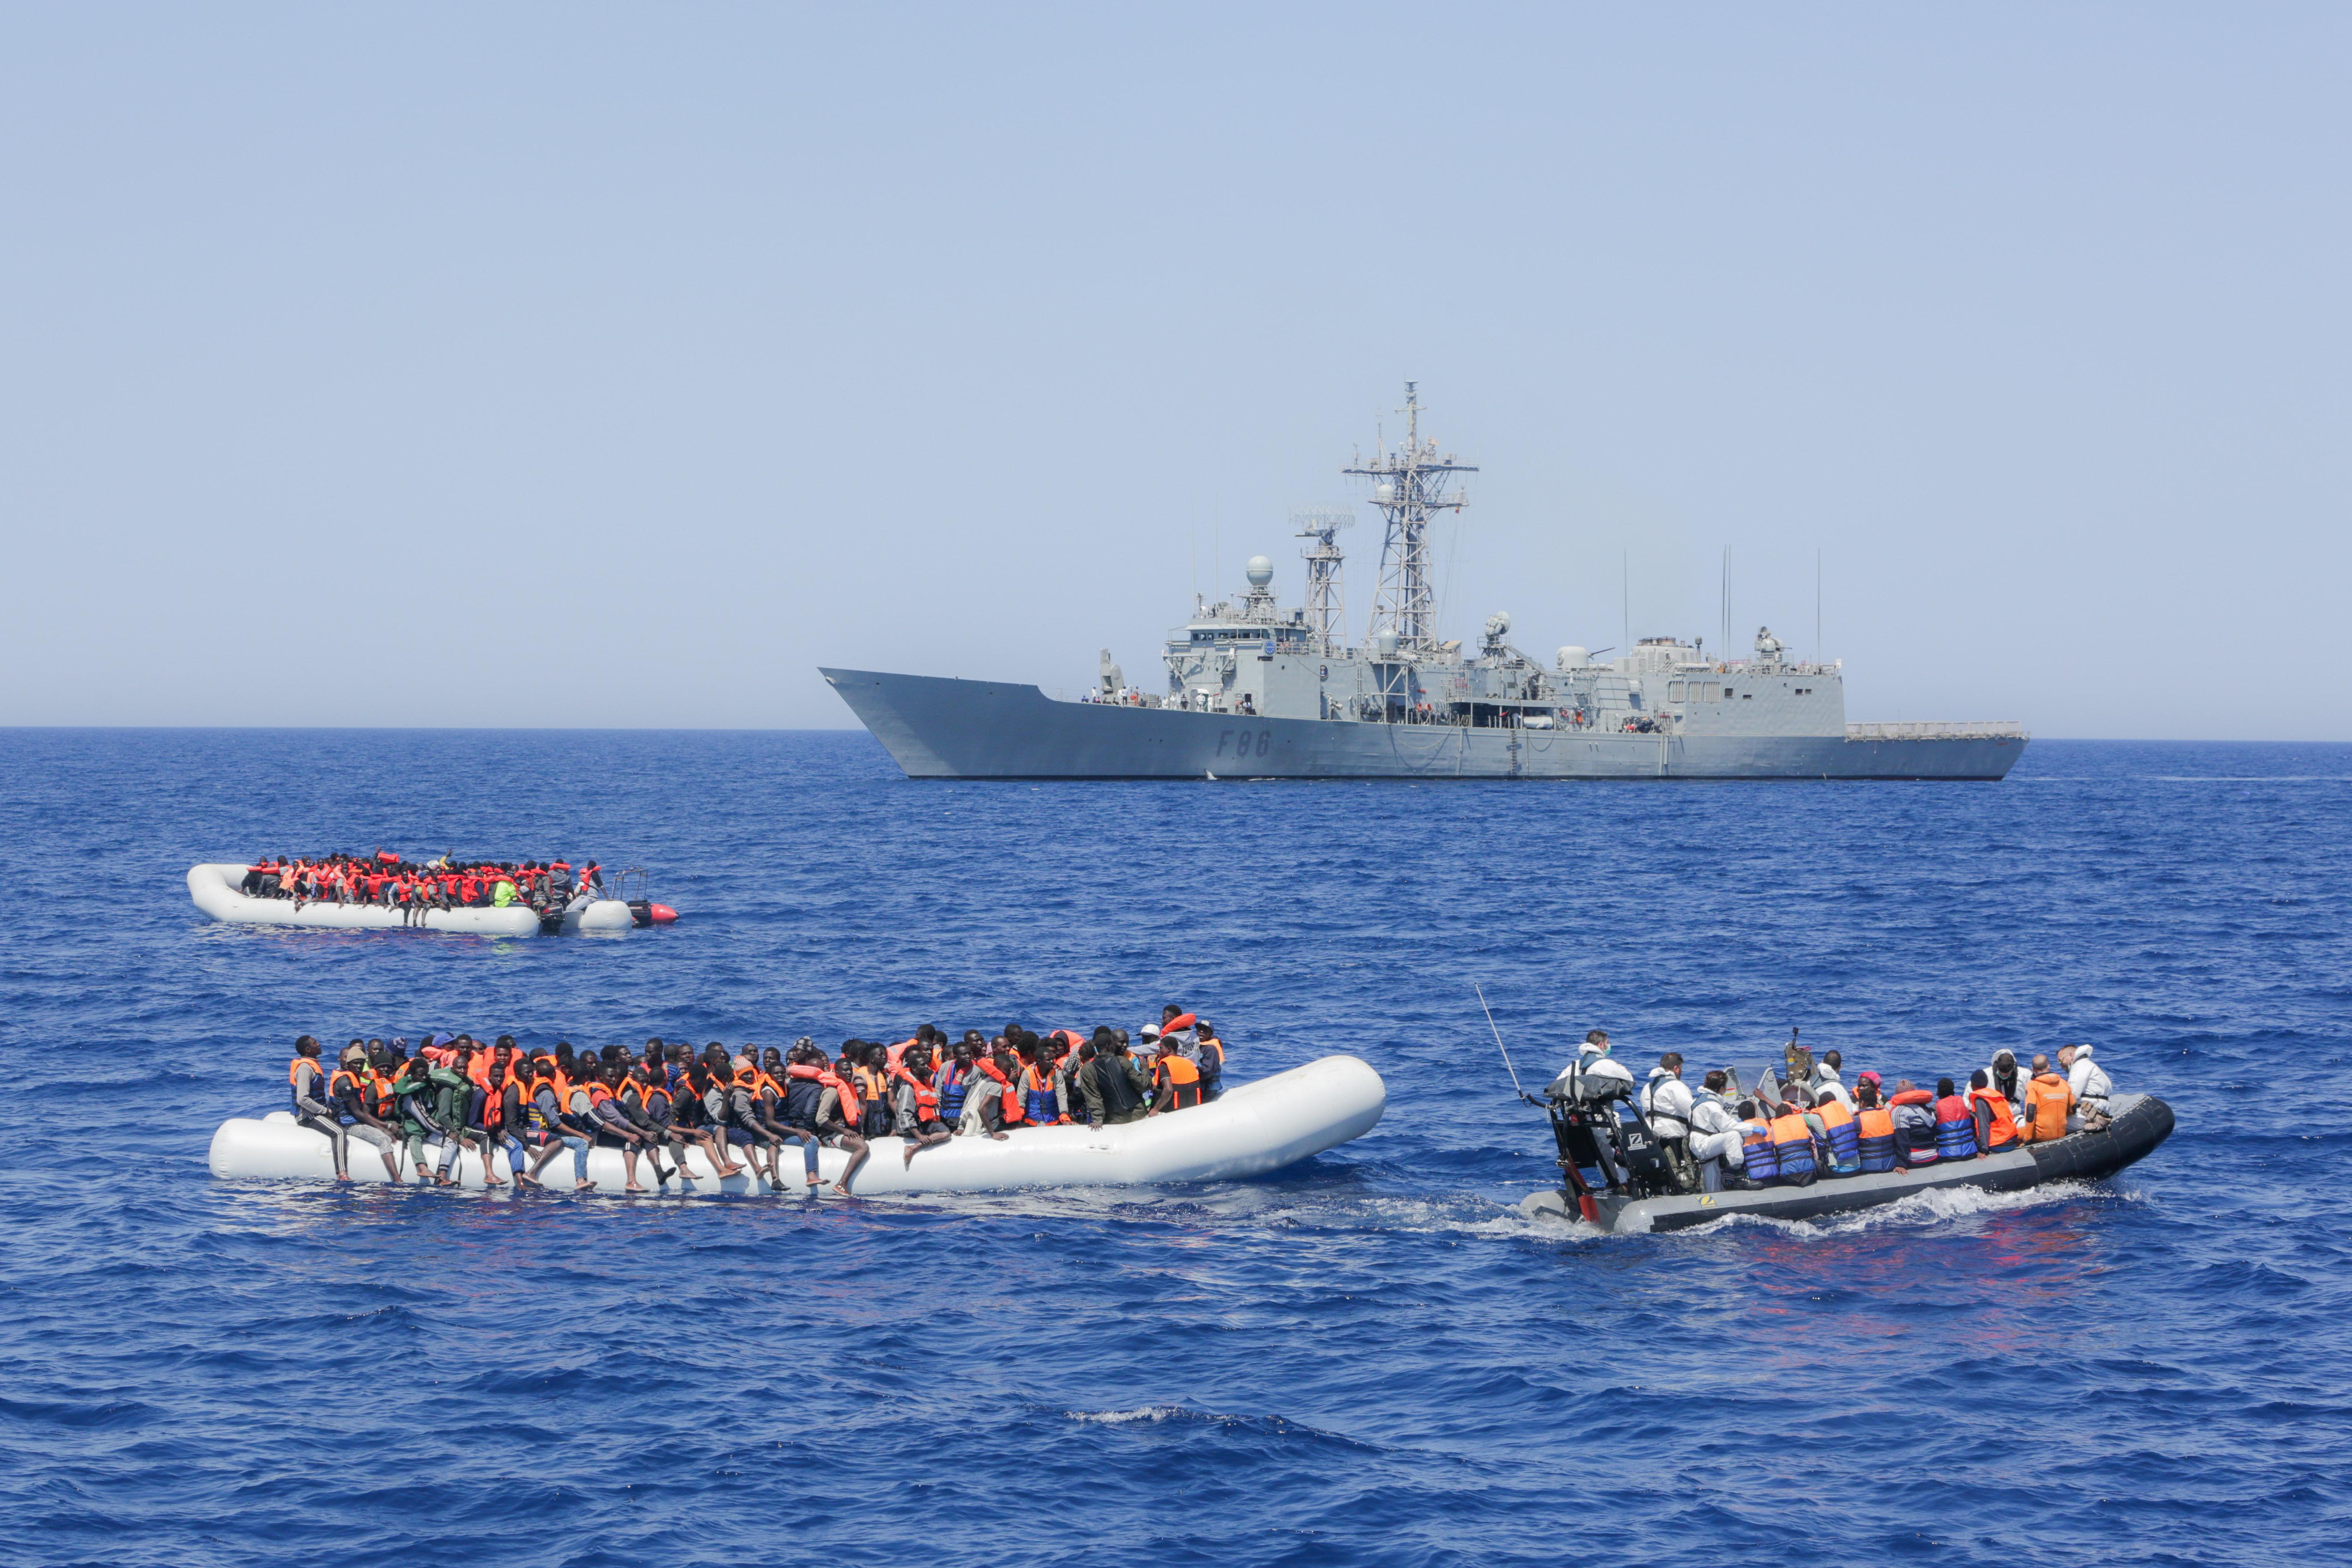 Áprilisban több mint egy évtizedes mélypontra süllyedt a menedékkérők száma Európában